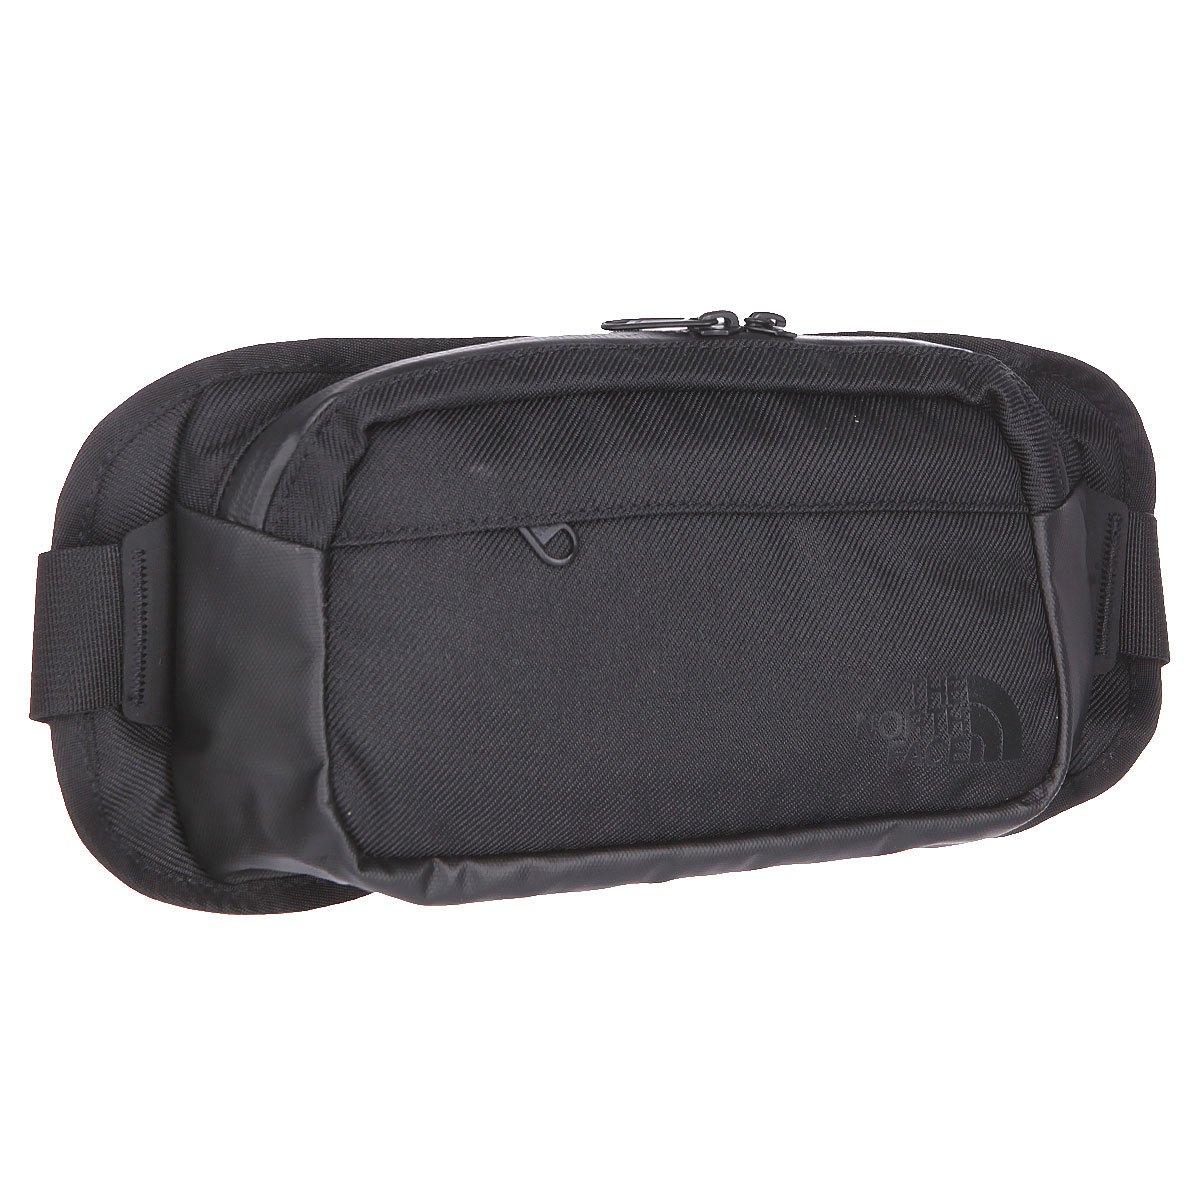 88acb76faace Купить сумку поясная The North Face Hip Pack Black в интернет ...